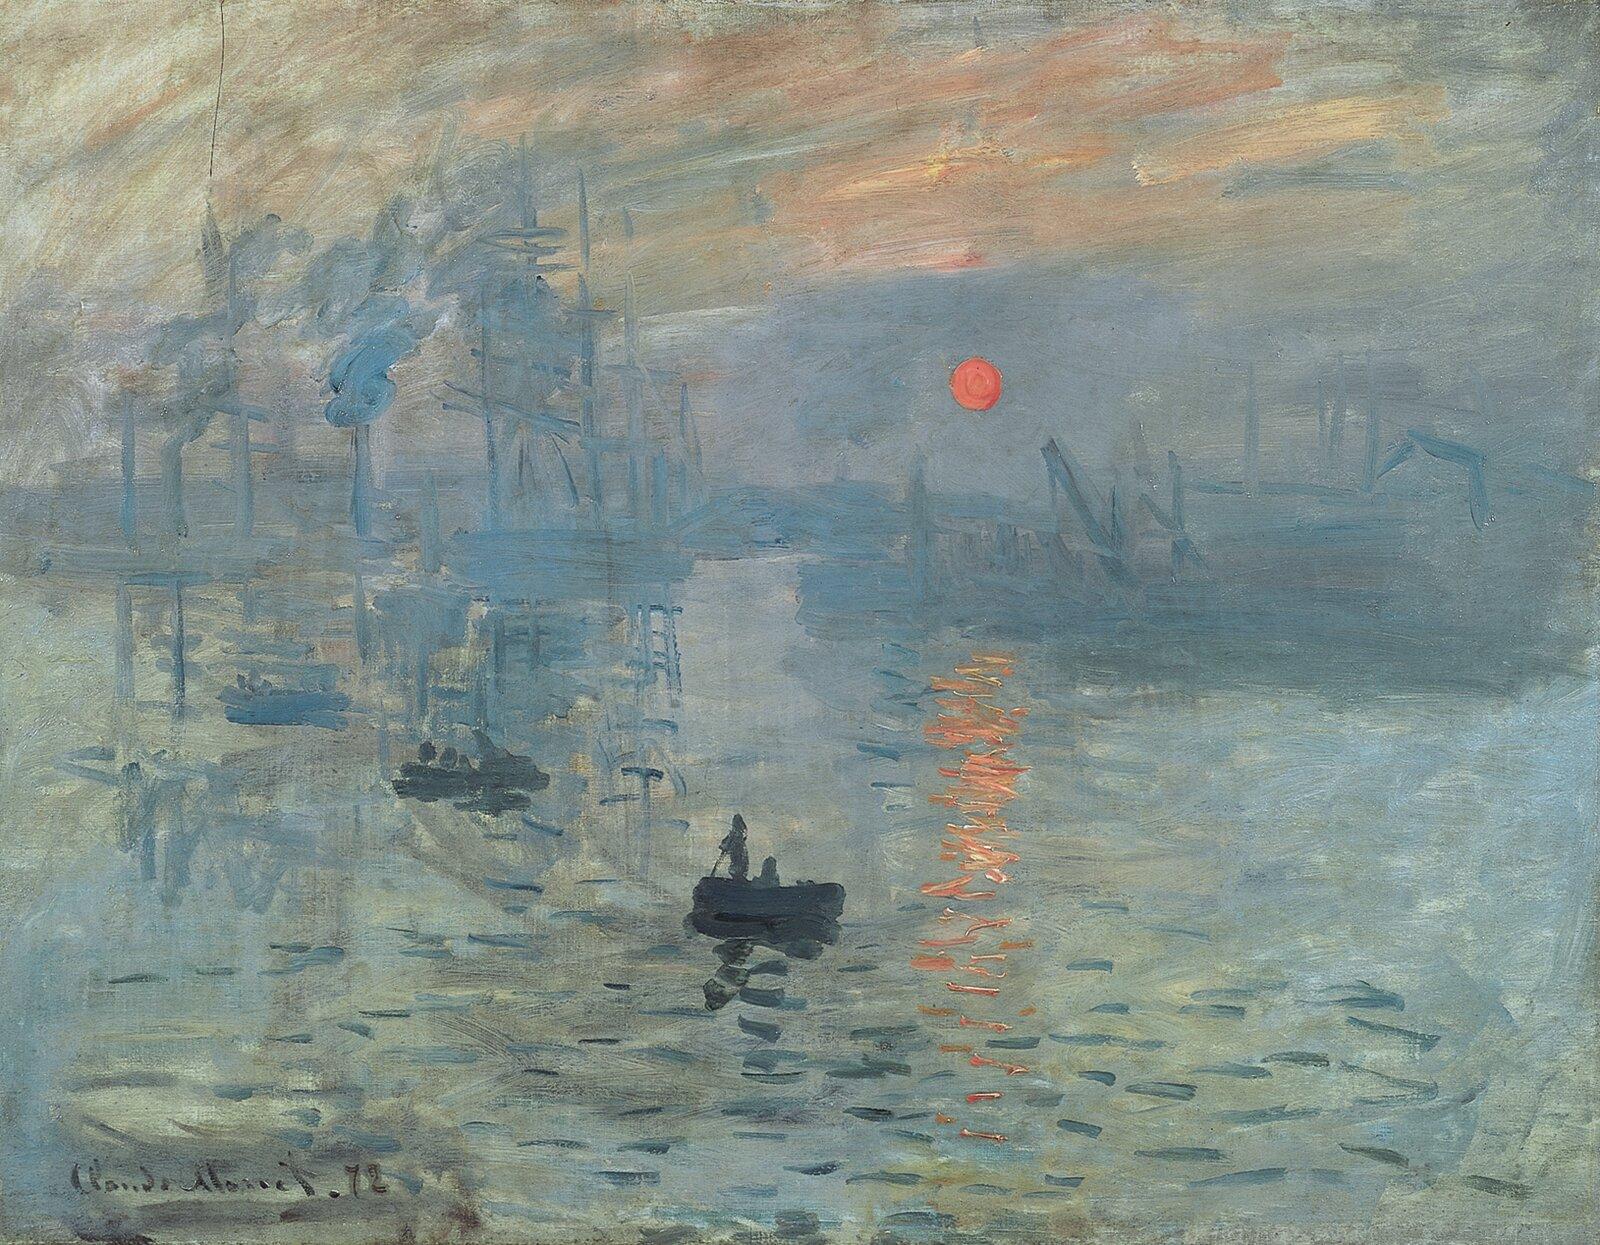 Impresja, wschód słońca Źródło: Claude Monet, Impresja, wschód słońca, 1872, Musée Marmottan Monet, Paryż, licencja: CC 0.